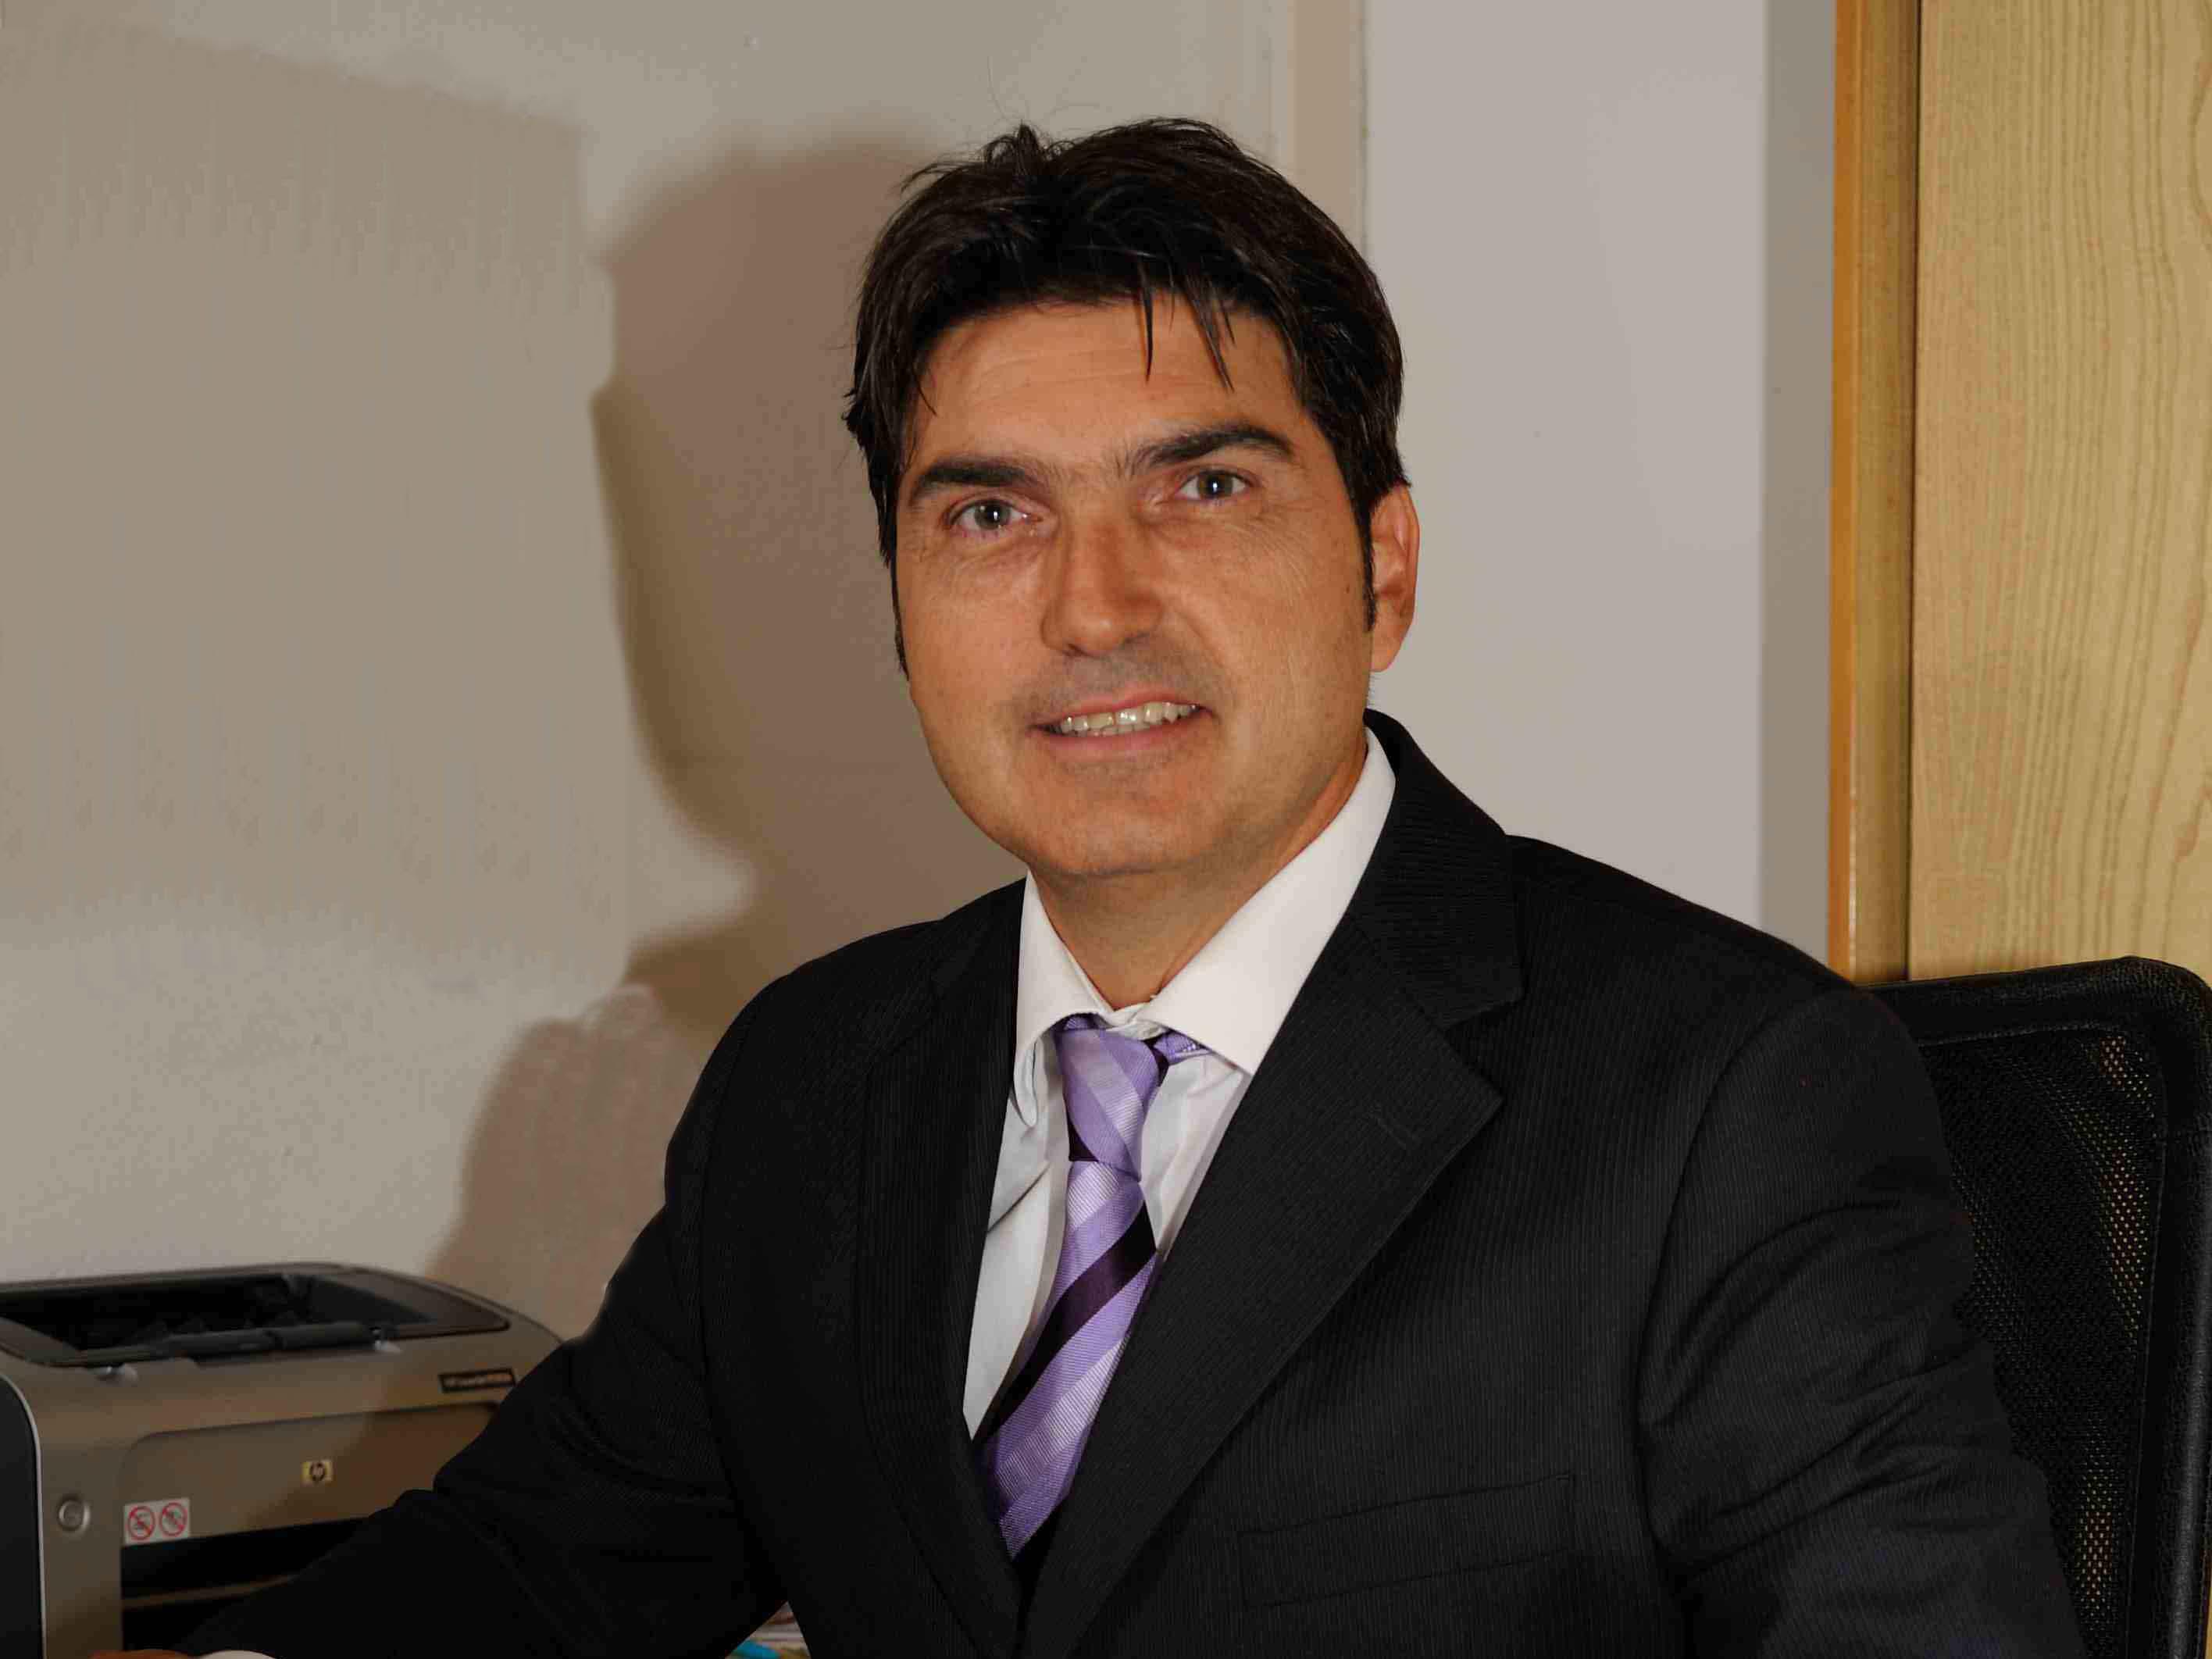 Massimo Gessaroli